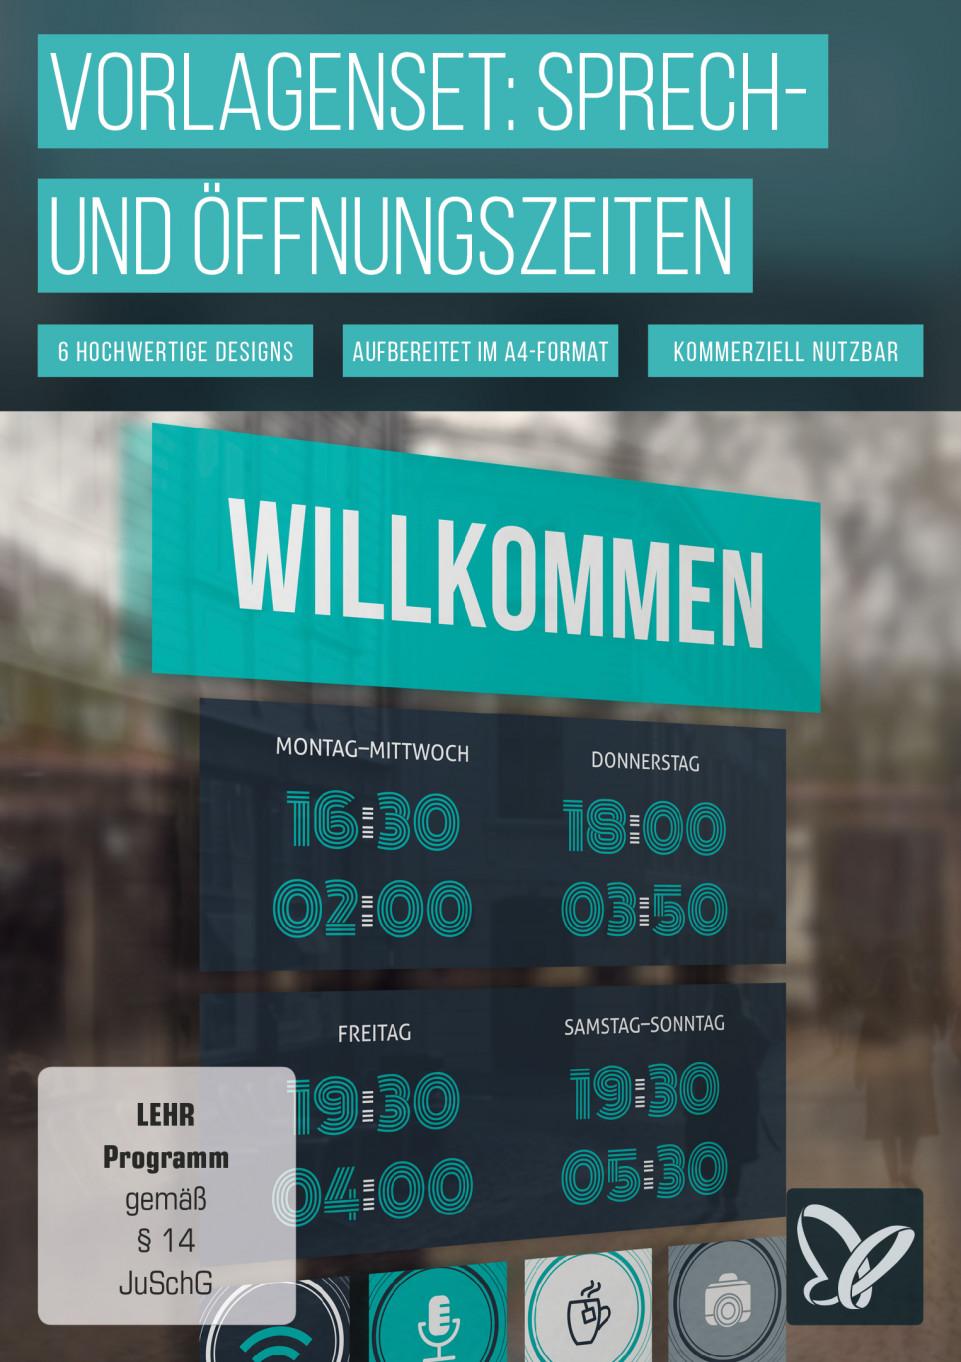 Öffnungszeiten: Vorlagen für Schild & Aushang